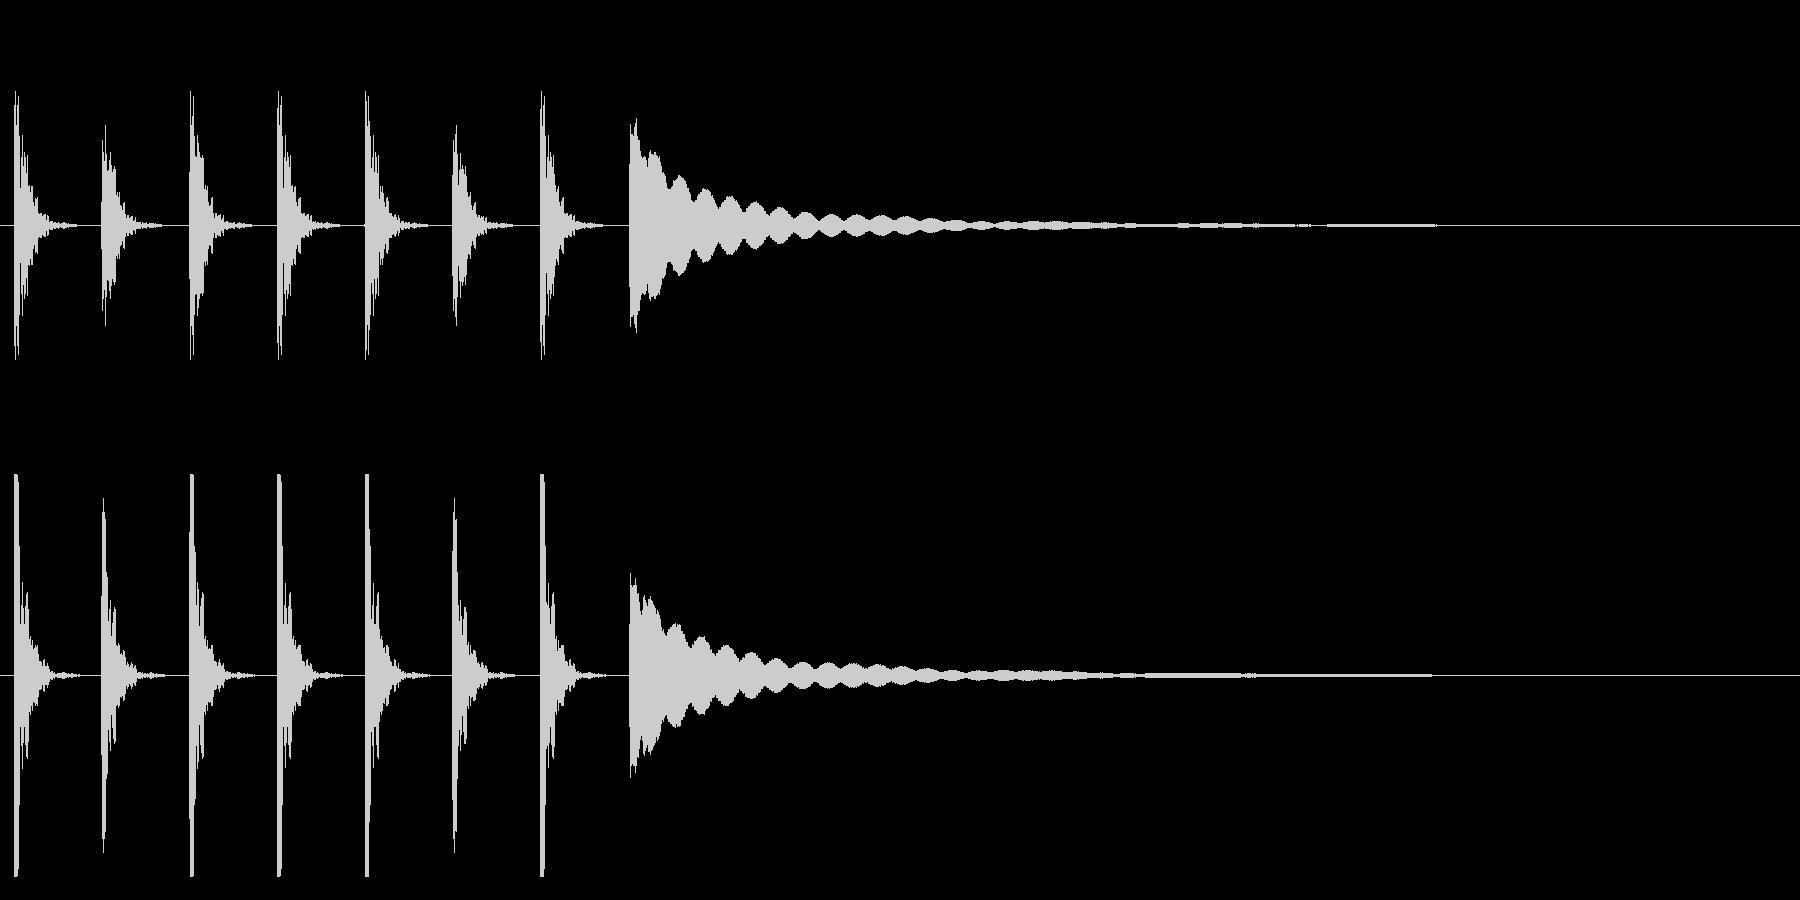 ポクポクチン1木魚シンキングタイム5秒の未再生の波形